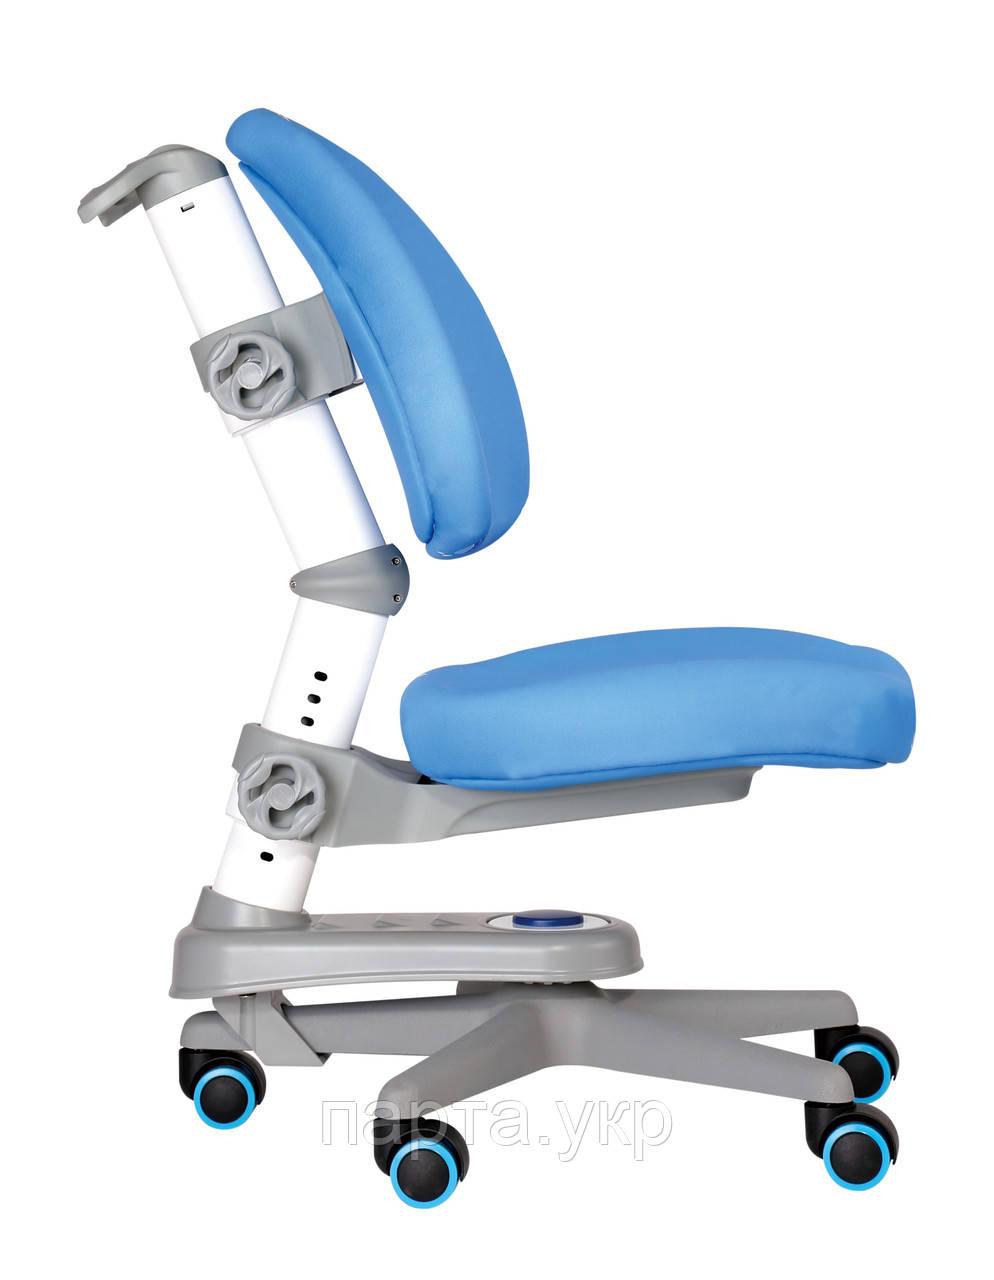 Компьютерное кресло для школьника, 3 цвета